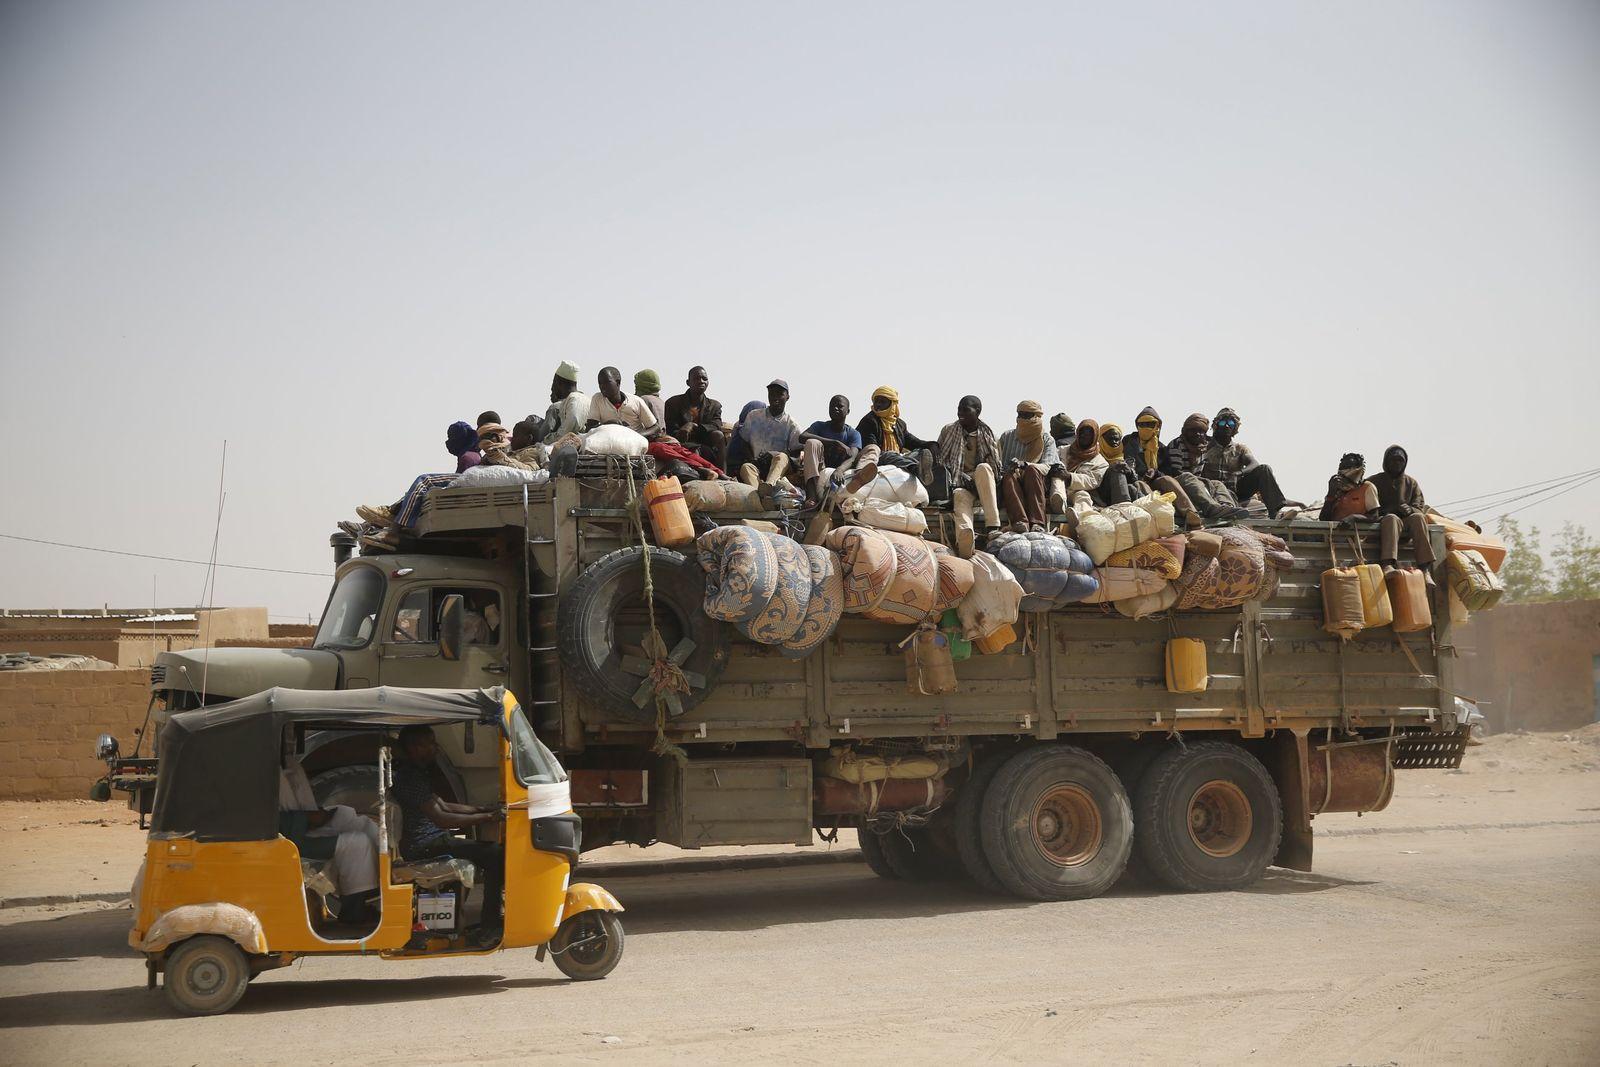 Flüchtlinge BiGa/